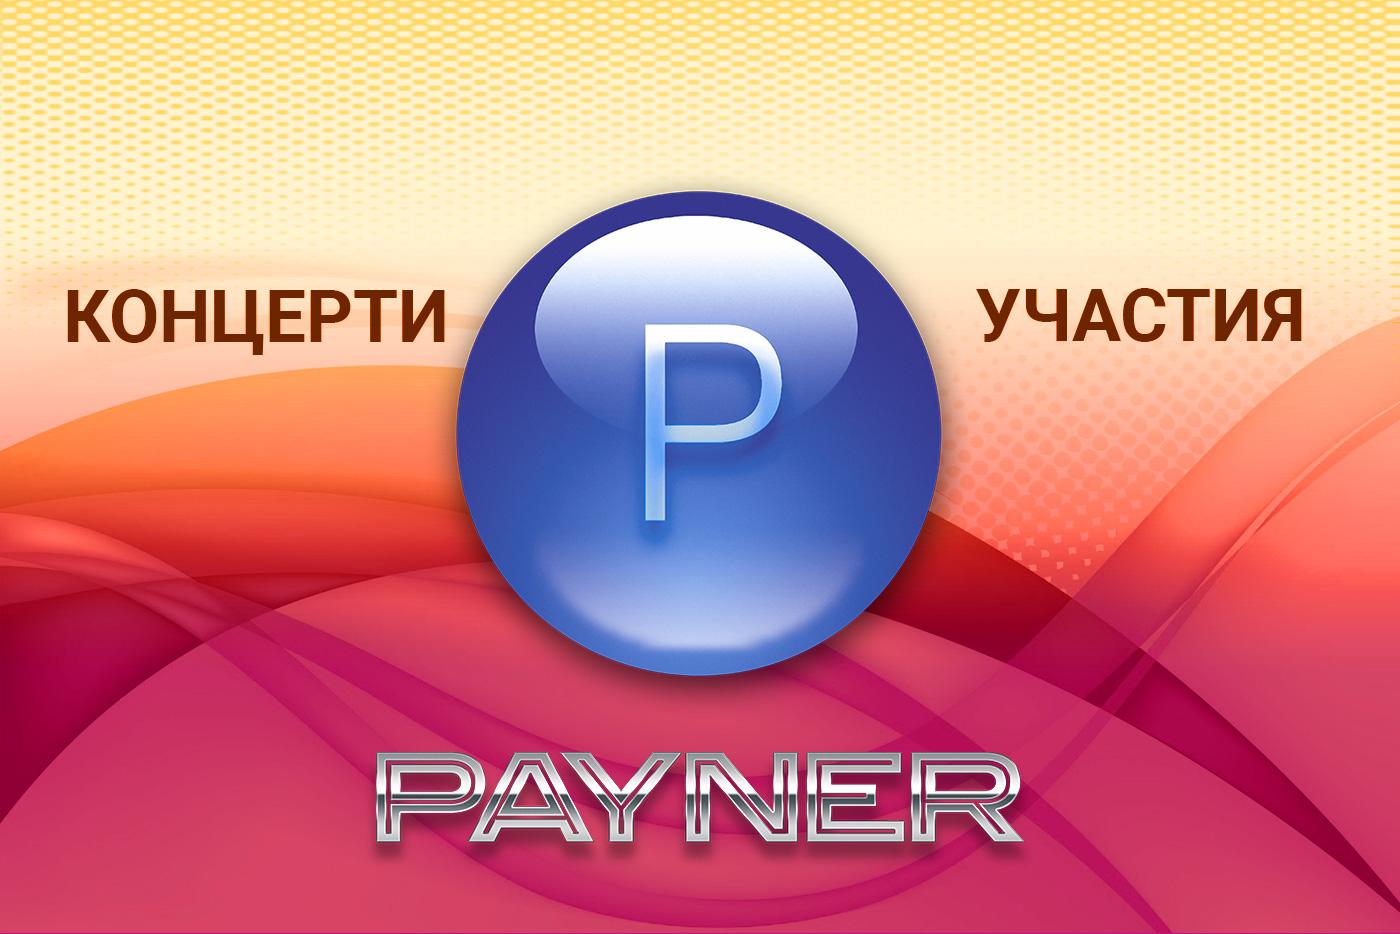 """Участия на звездите на """"Пайнер"""" на 26.10.2019"""